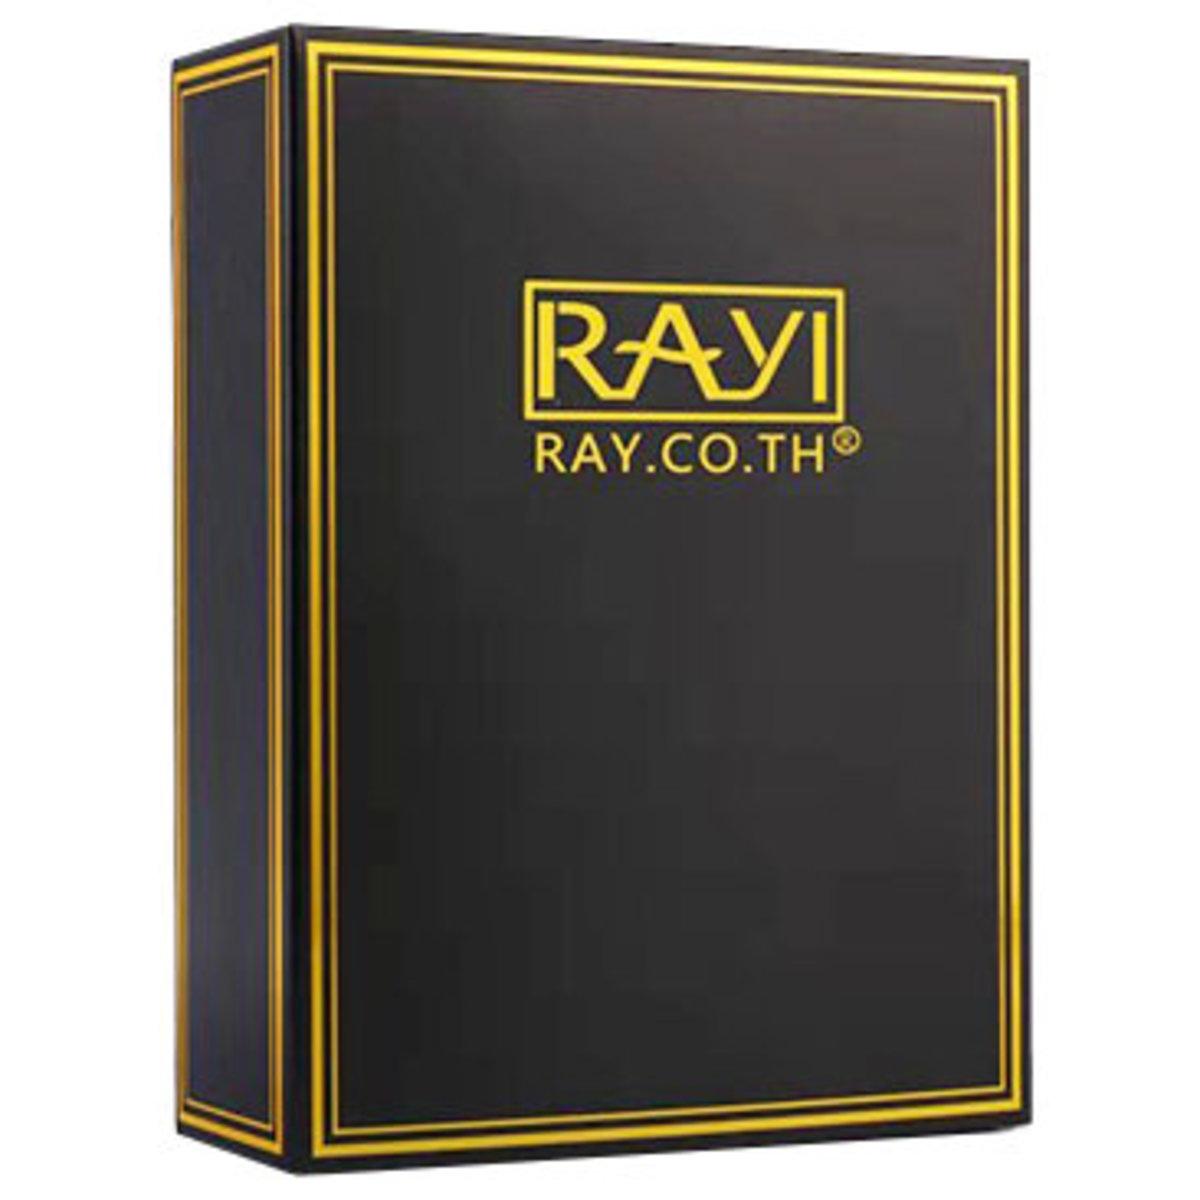 Rayi 黑金面膜 #芮一版 10片 [平行進口] (8859551200177)